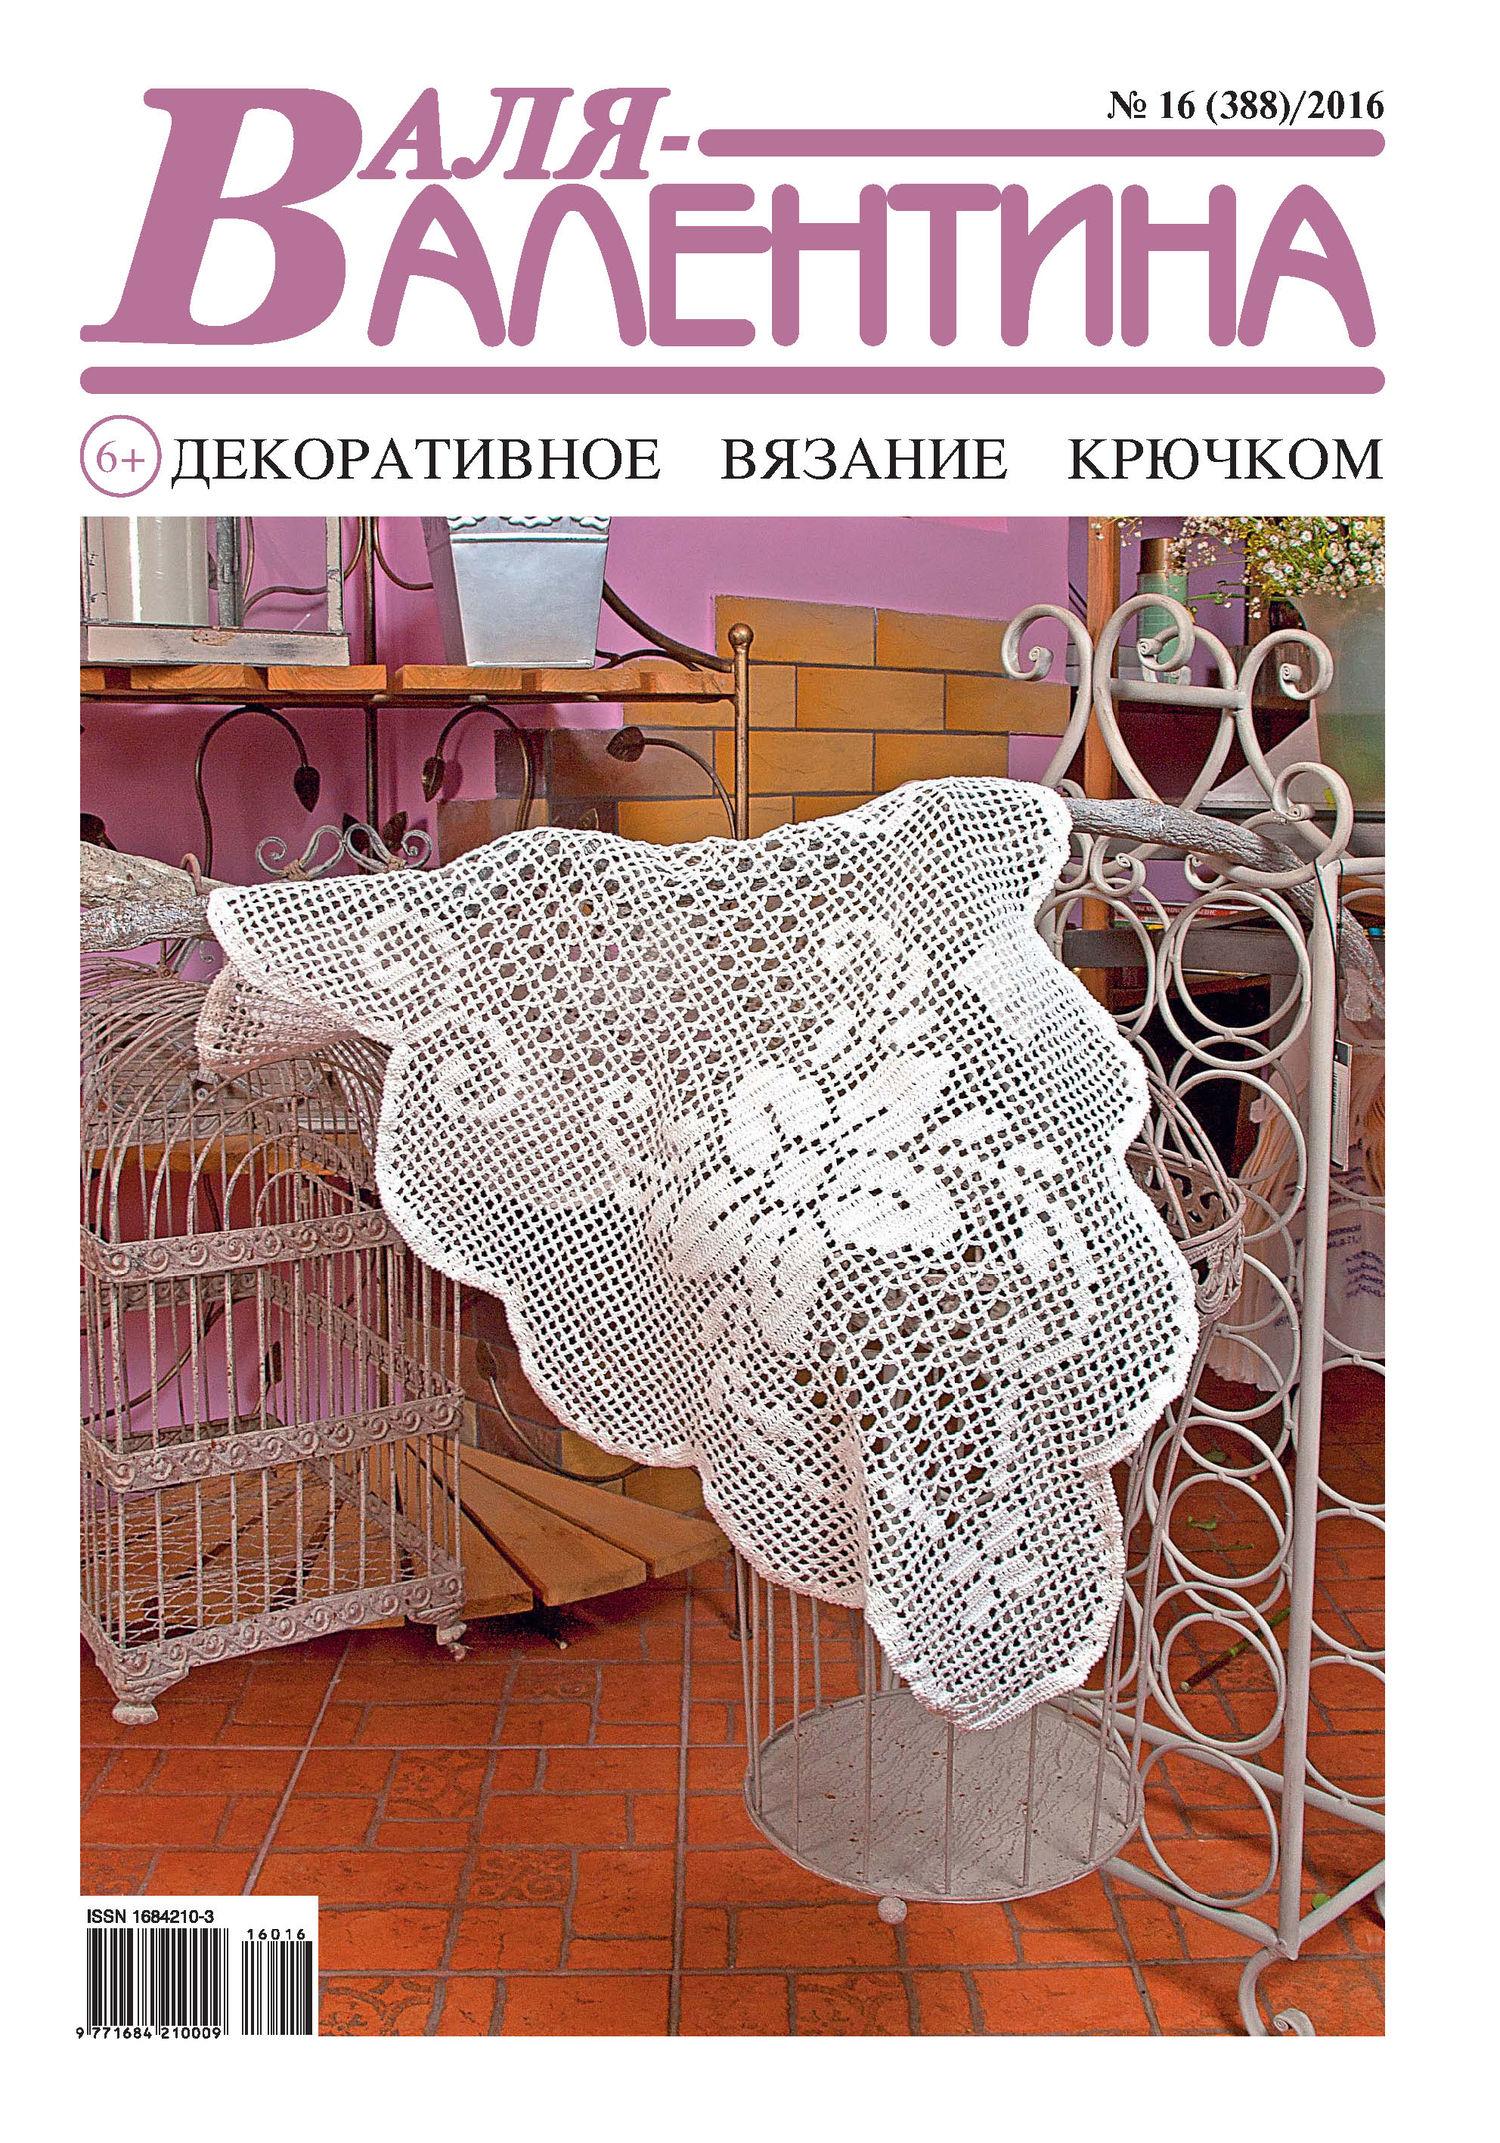 Отсутствует Валя-Валентина. Декоративное вязание крючком. №16/2016 как номер для аськи